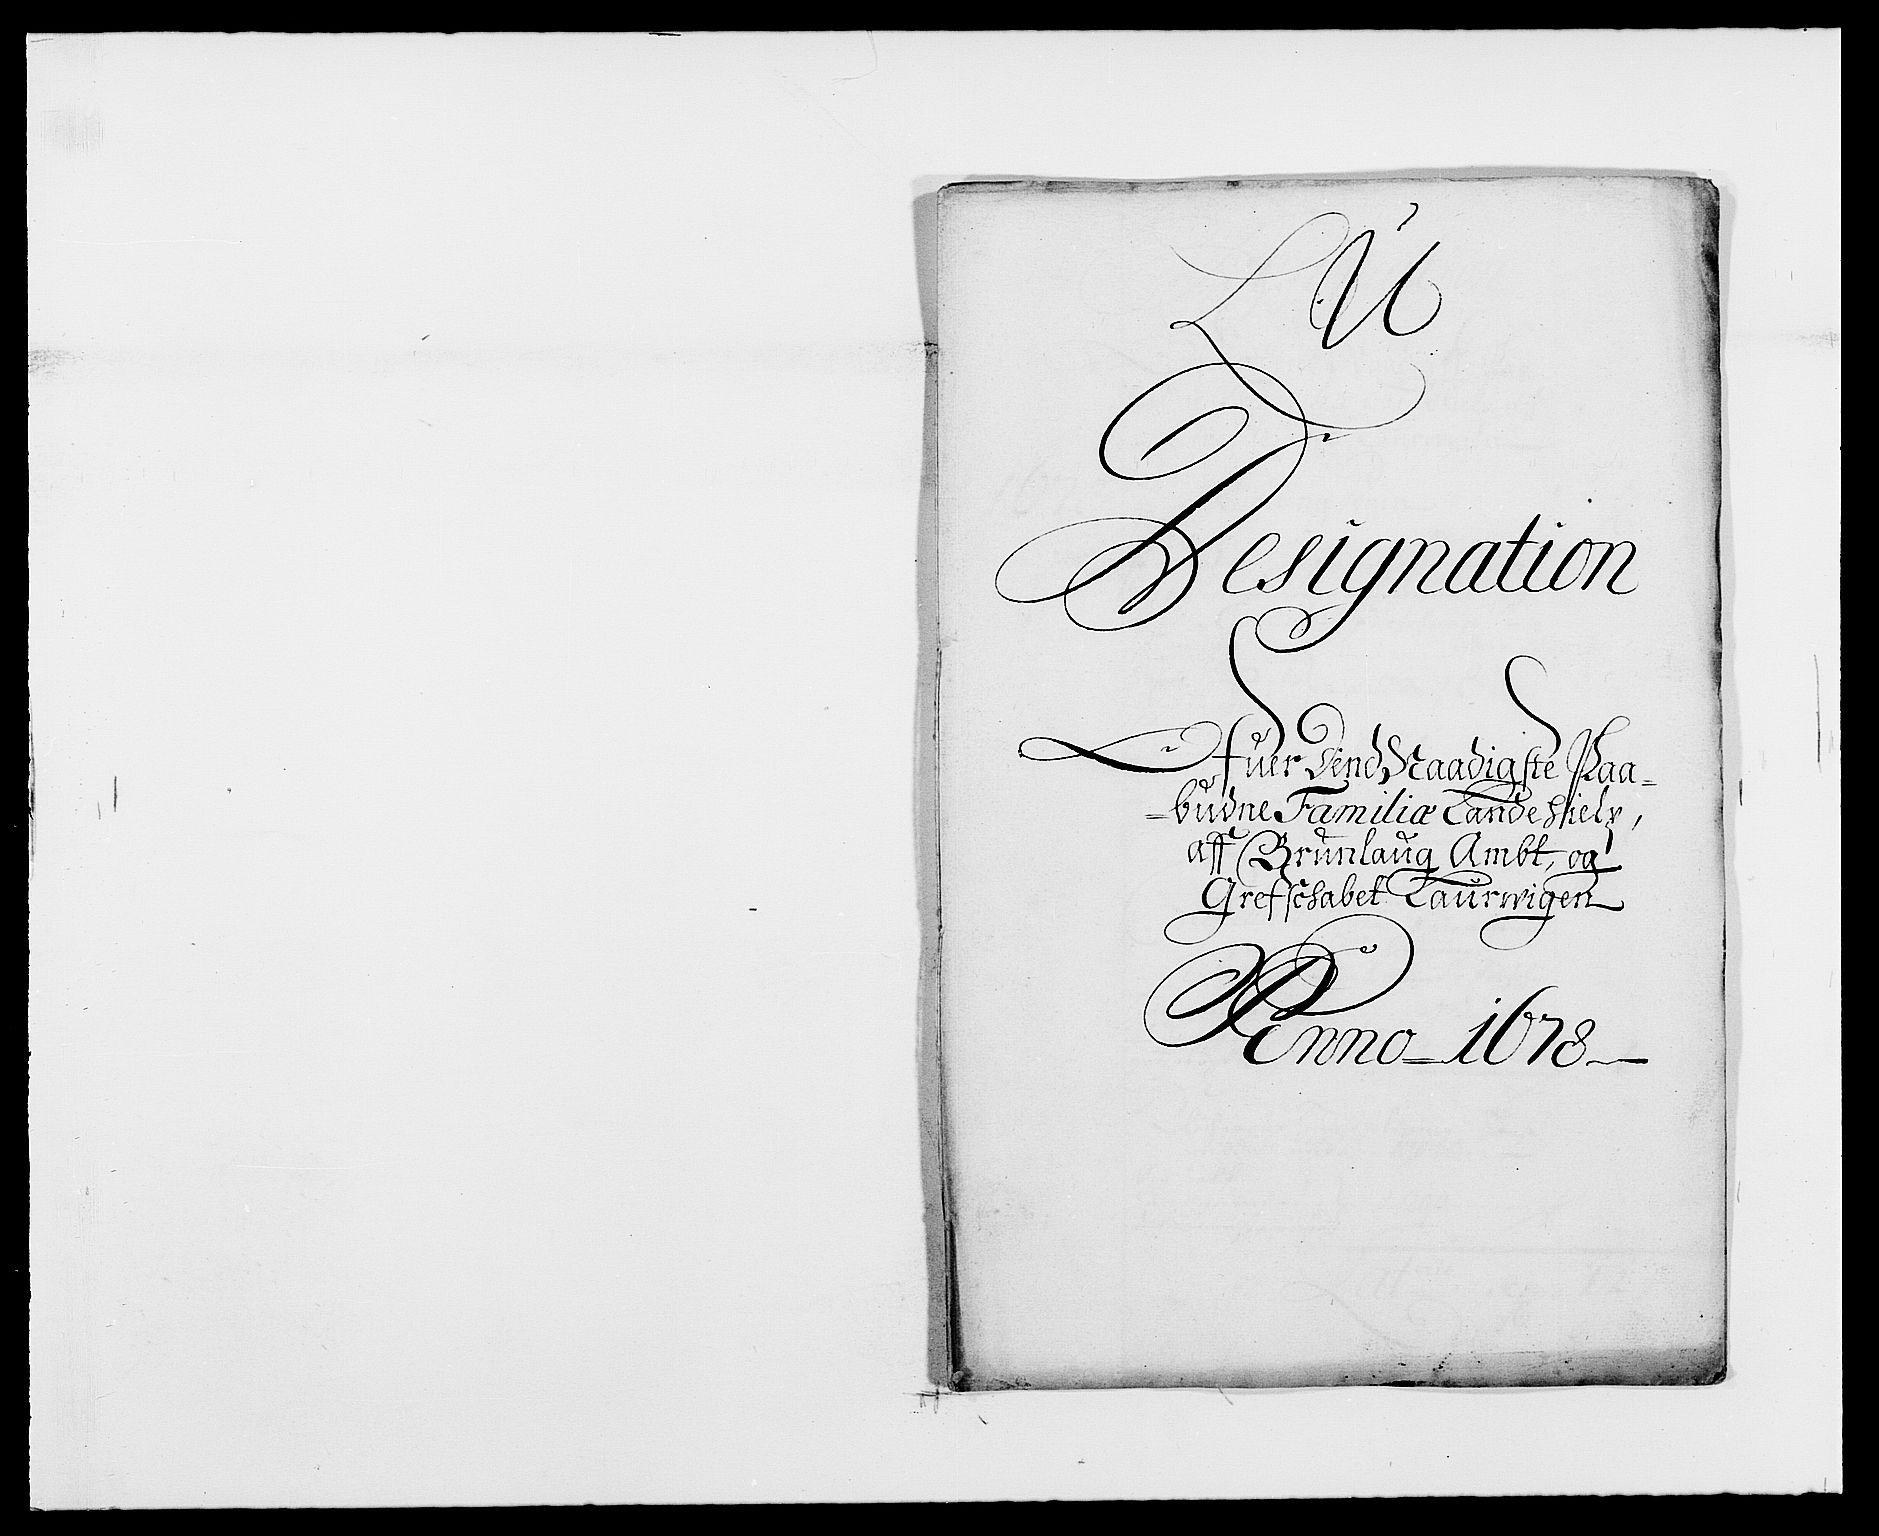 RA, Rentekammeret inntil 1814, Reviderte regnskaper, Fogderegnskap, R33/L1968: Fogderegnskap Larvik grevskap, 1675-1687, s. 222